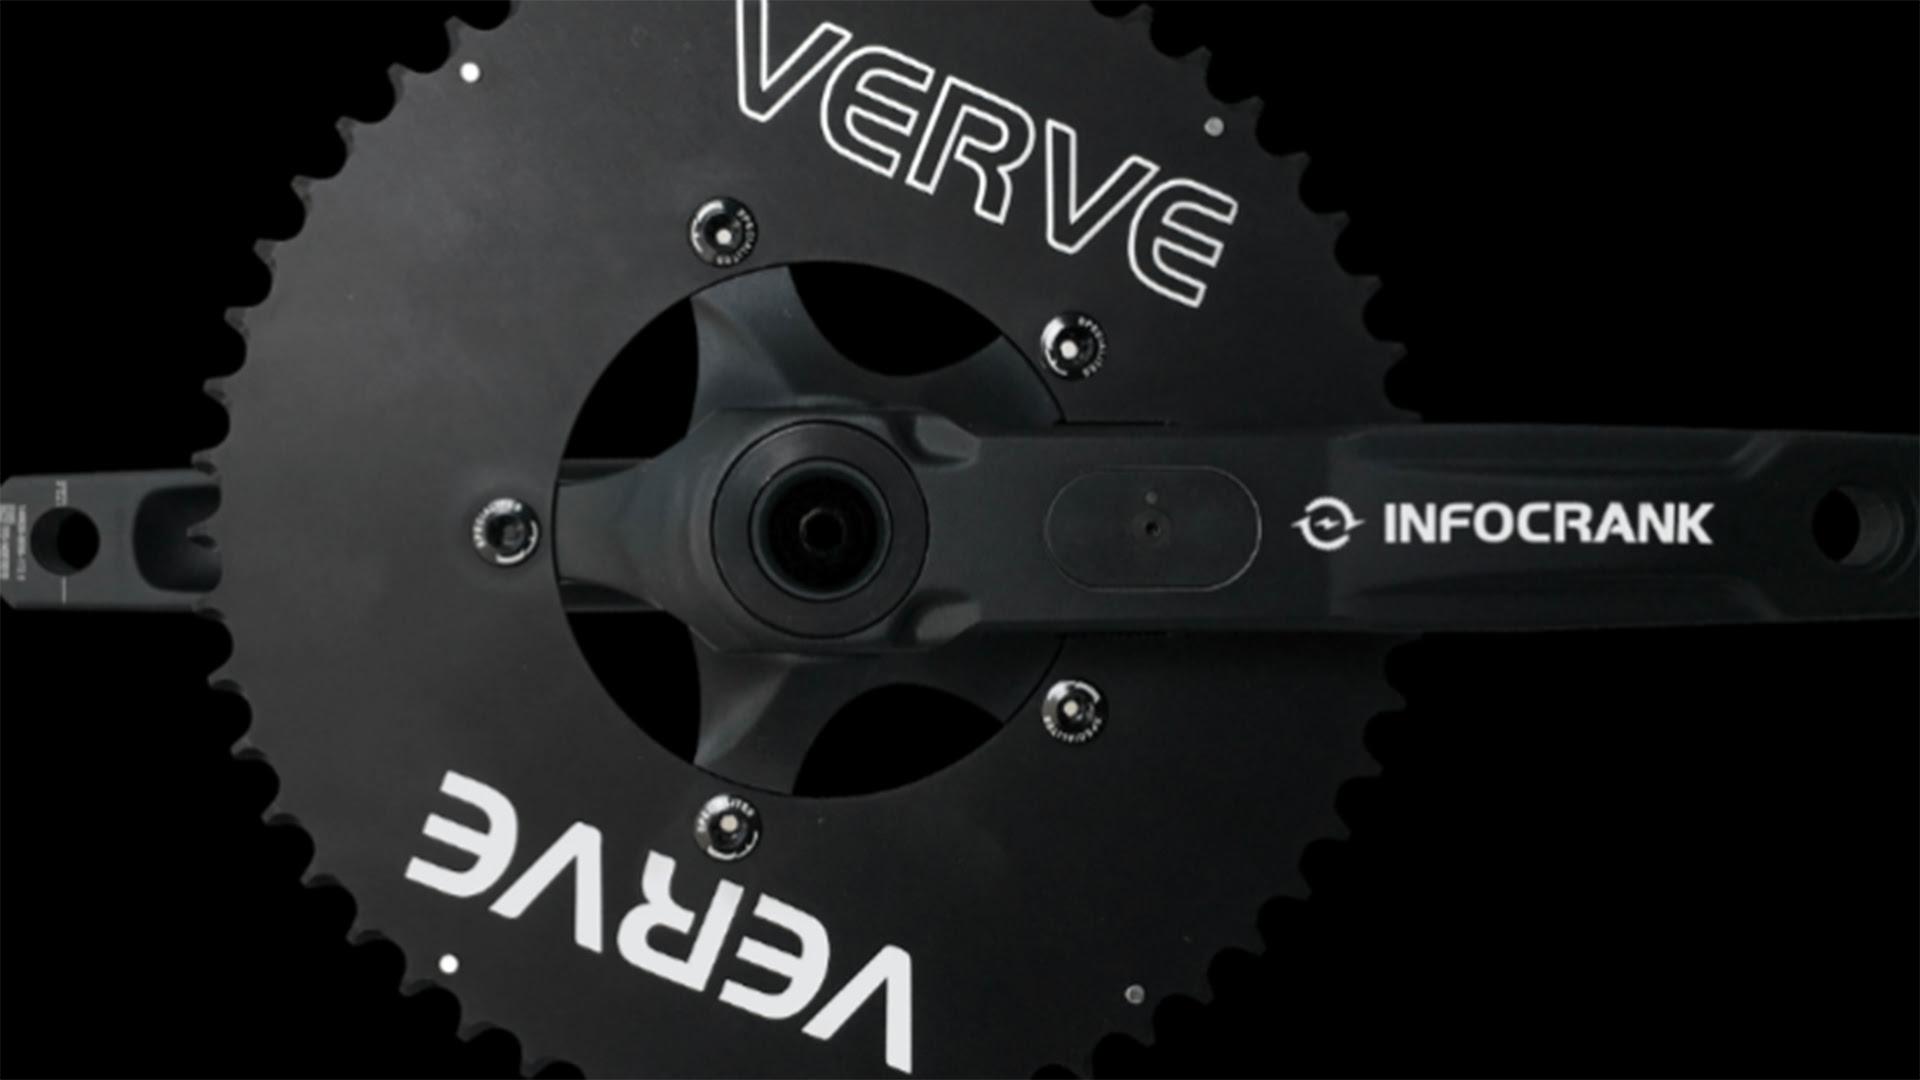 Verve InfoCrank